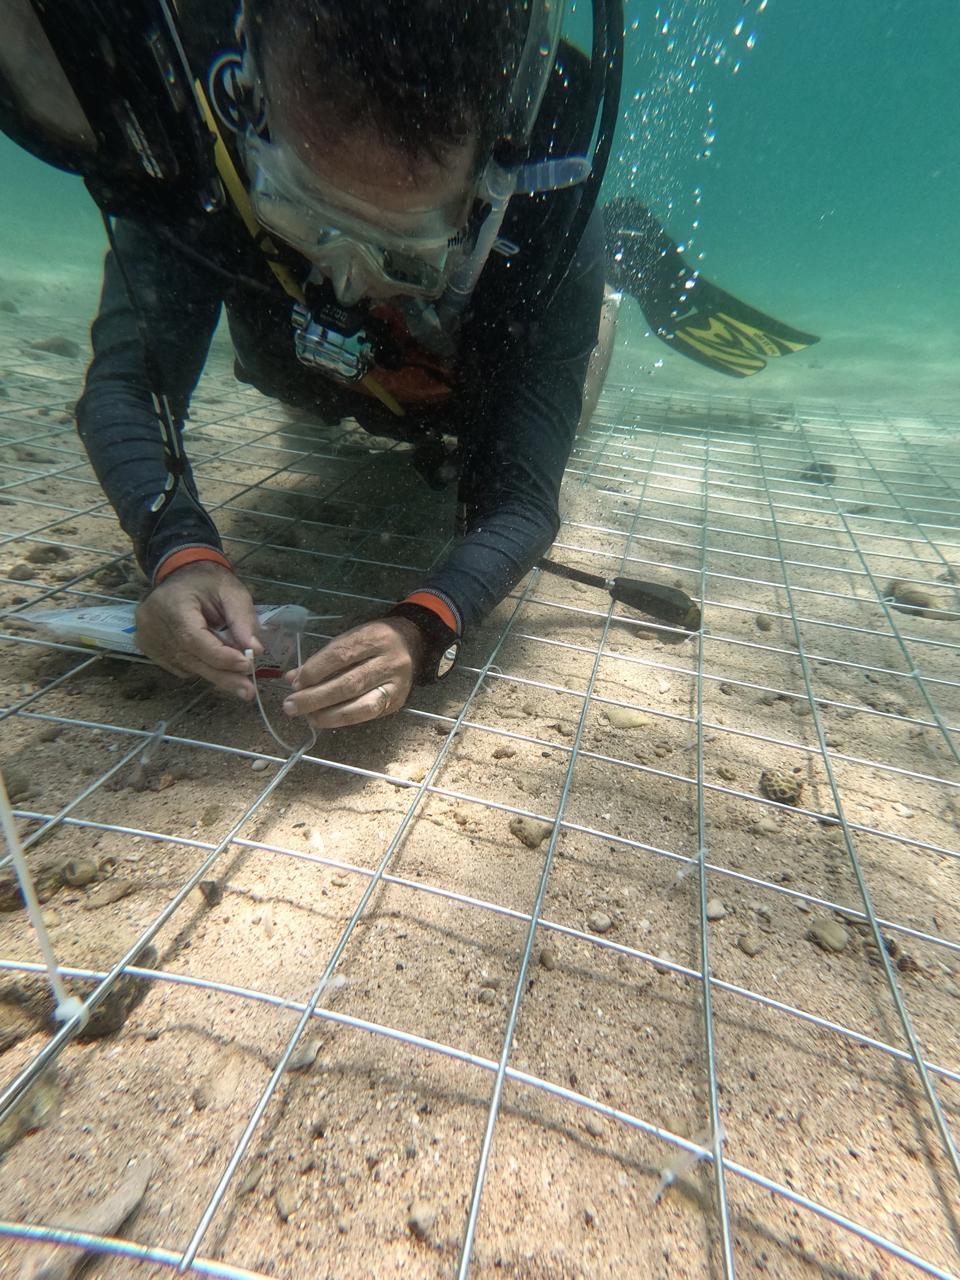 بيئة الشارقة تطلق مشروعاً لاستزراع الشعاب المرجانية في محمية جزيرة صير بونعير